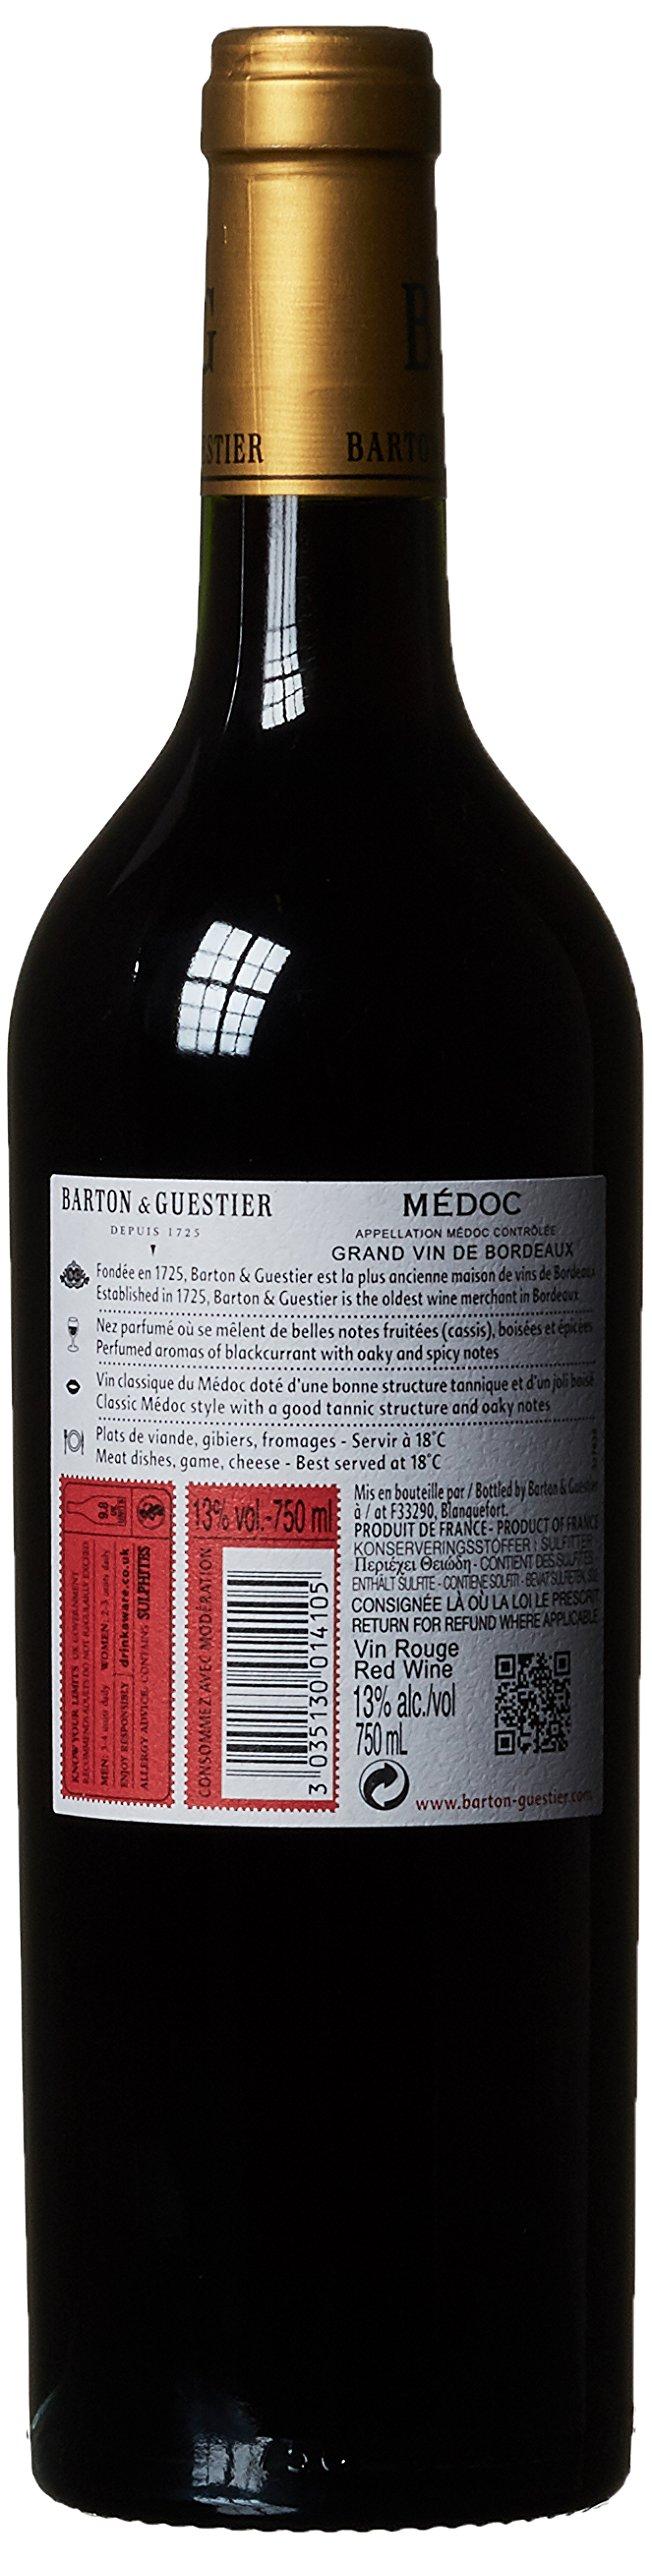 Barton-Guestier-Passeport-Bordeaux-Medoc-20142015-trocken-6-x-075-l